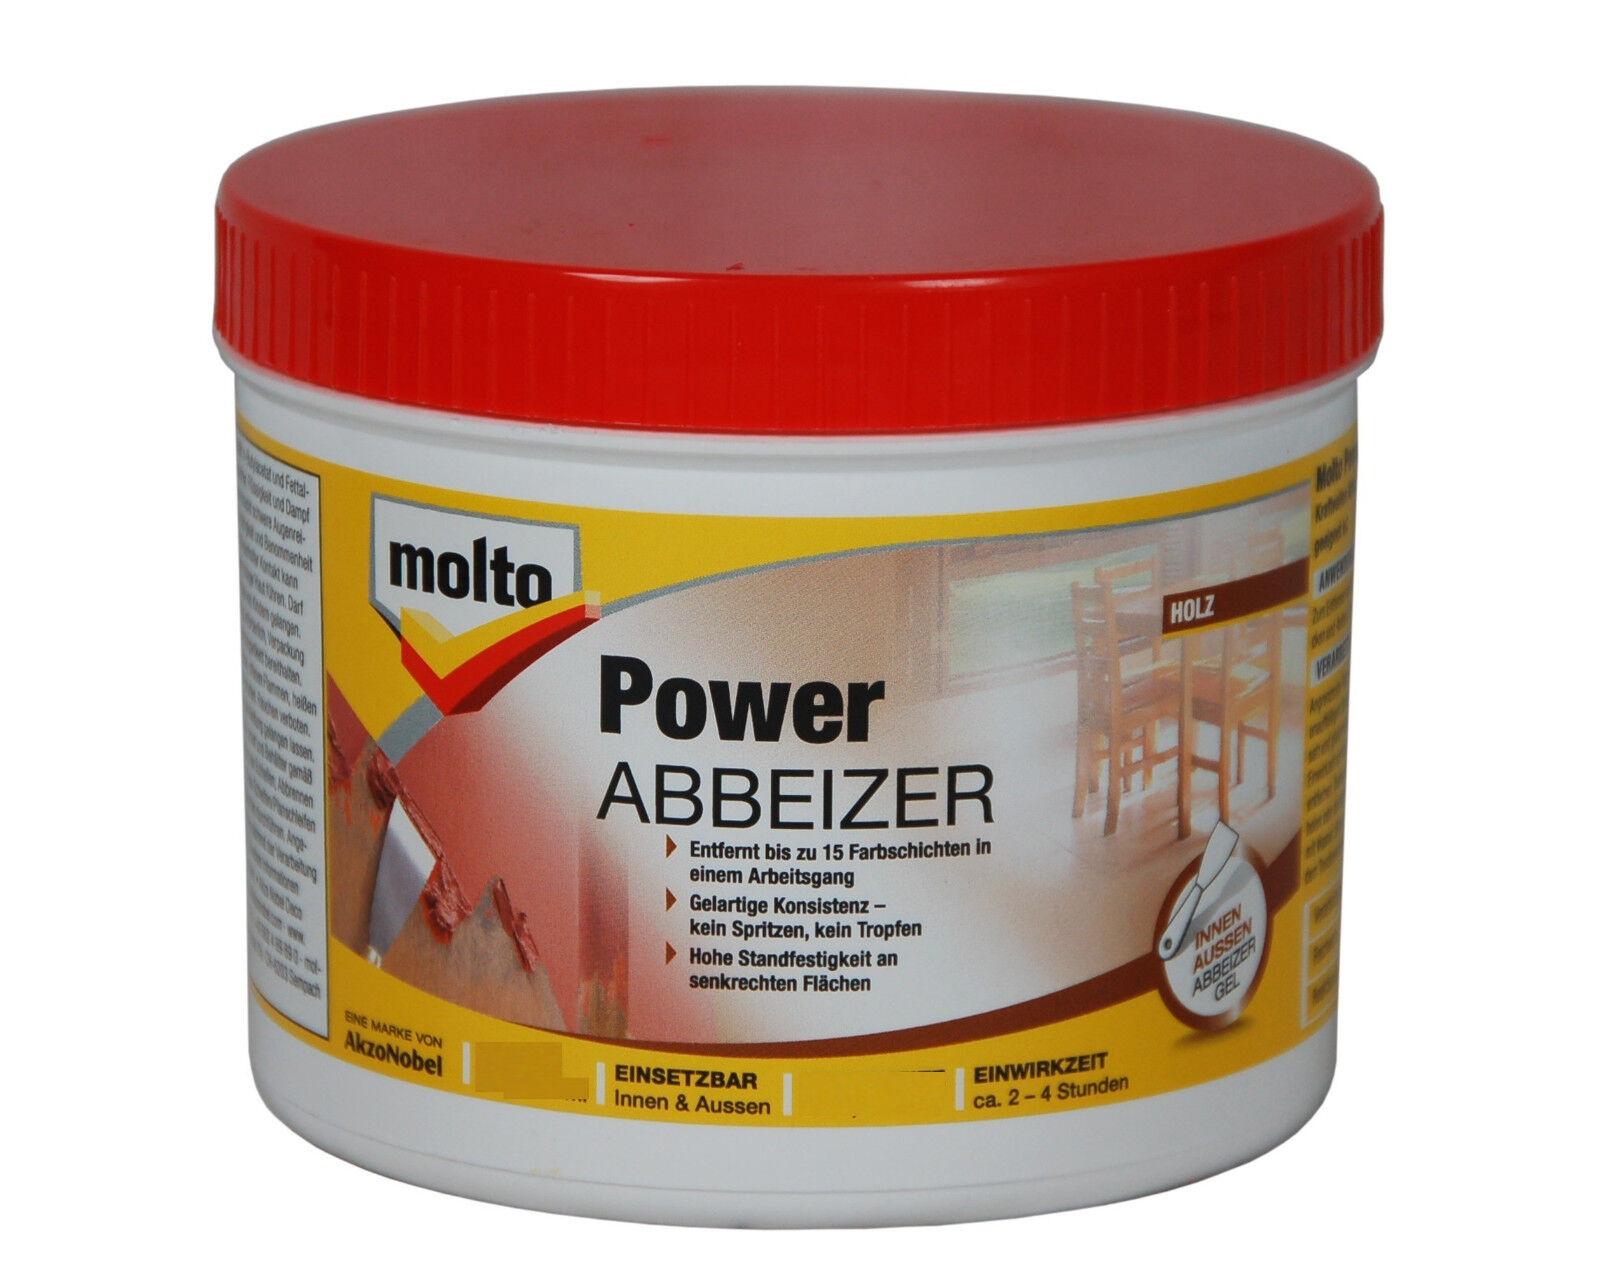 molto power abbeizer 1 liter lackbeizer lackabbeizer farbabbeizer | ebay